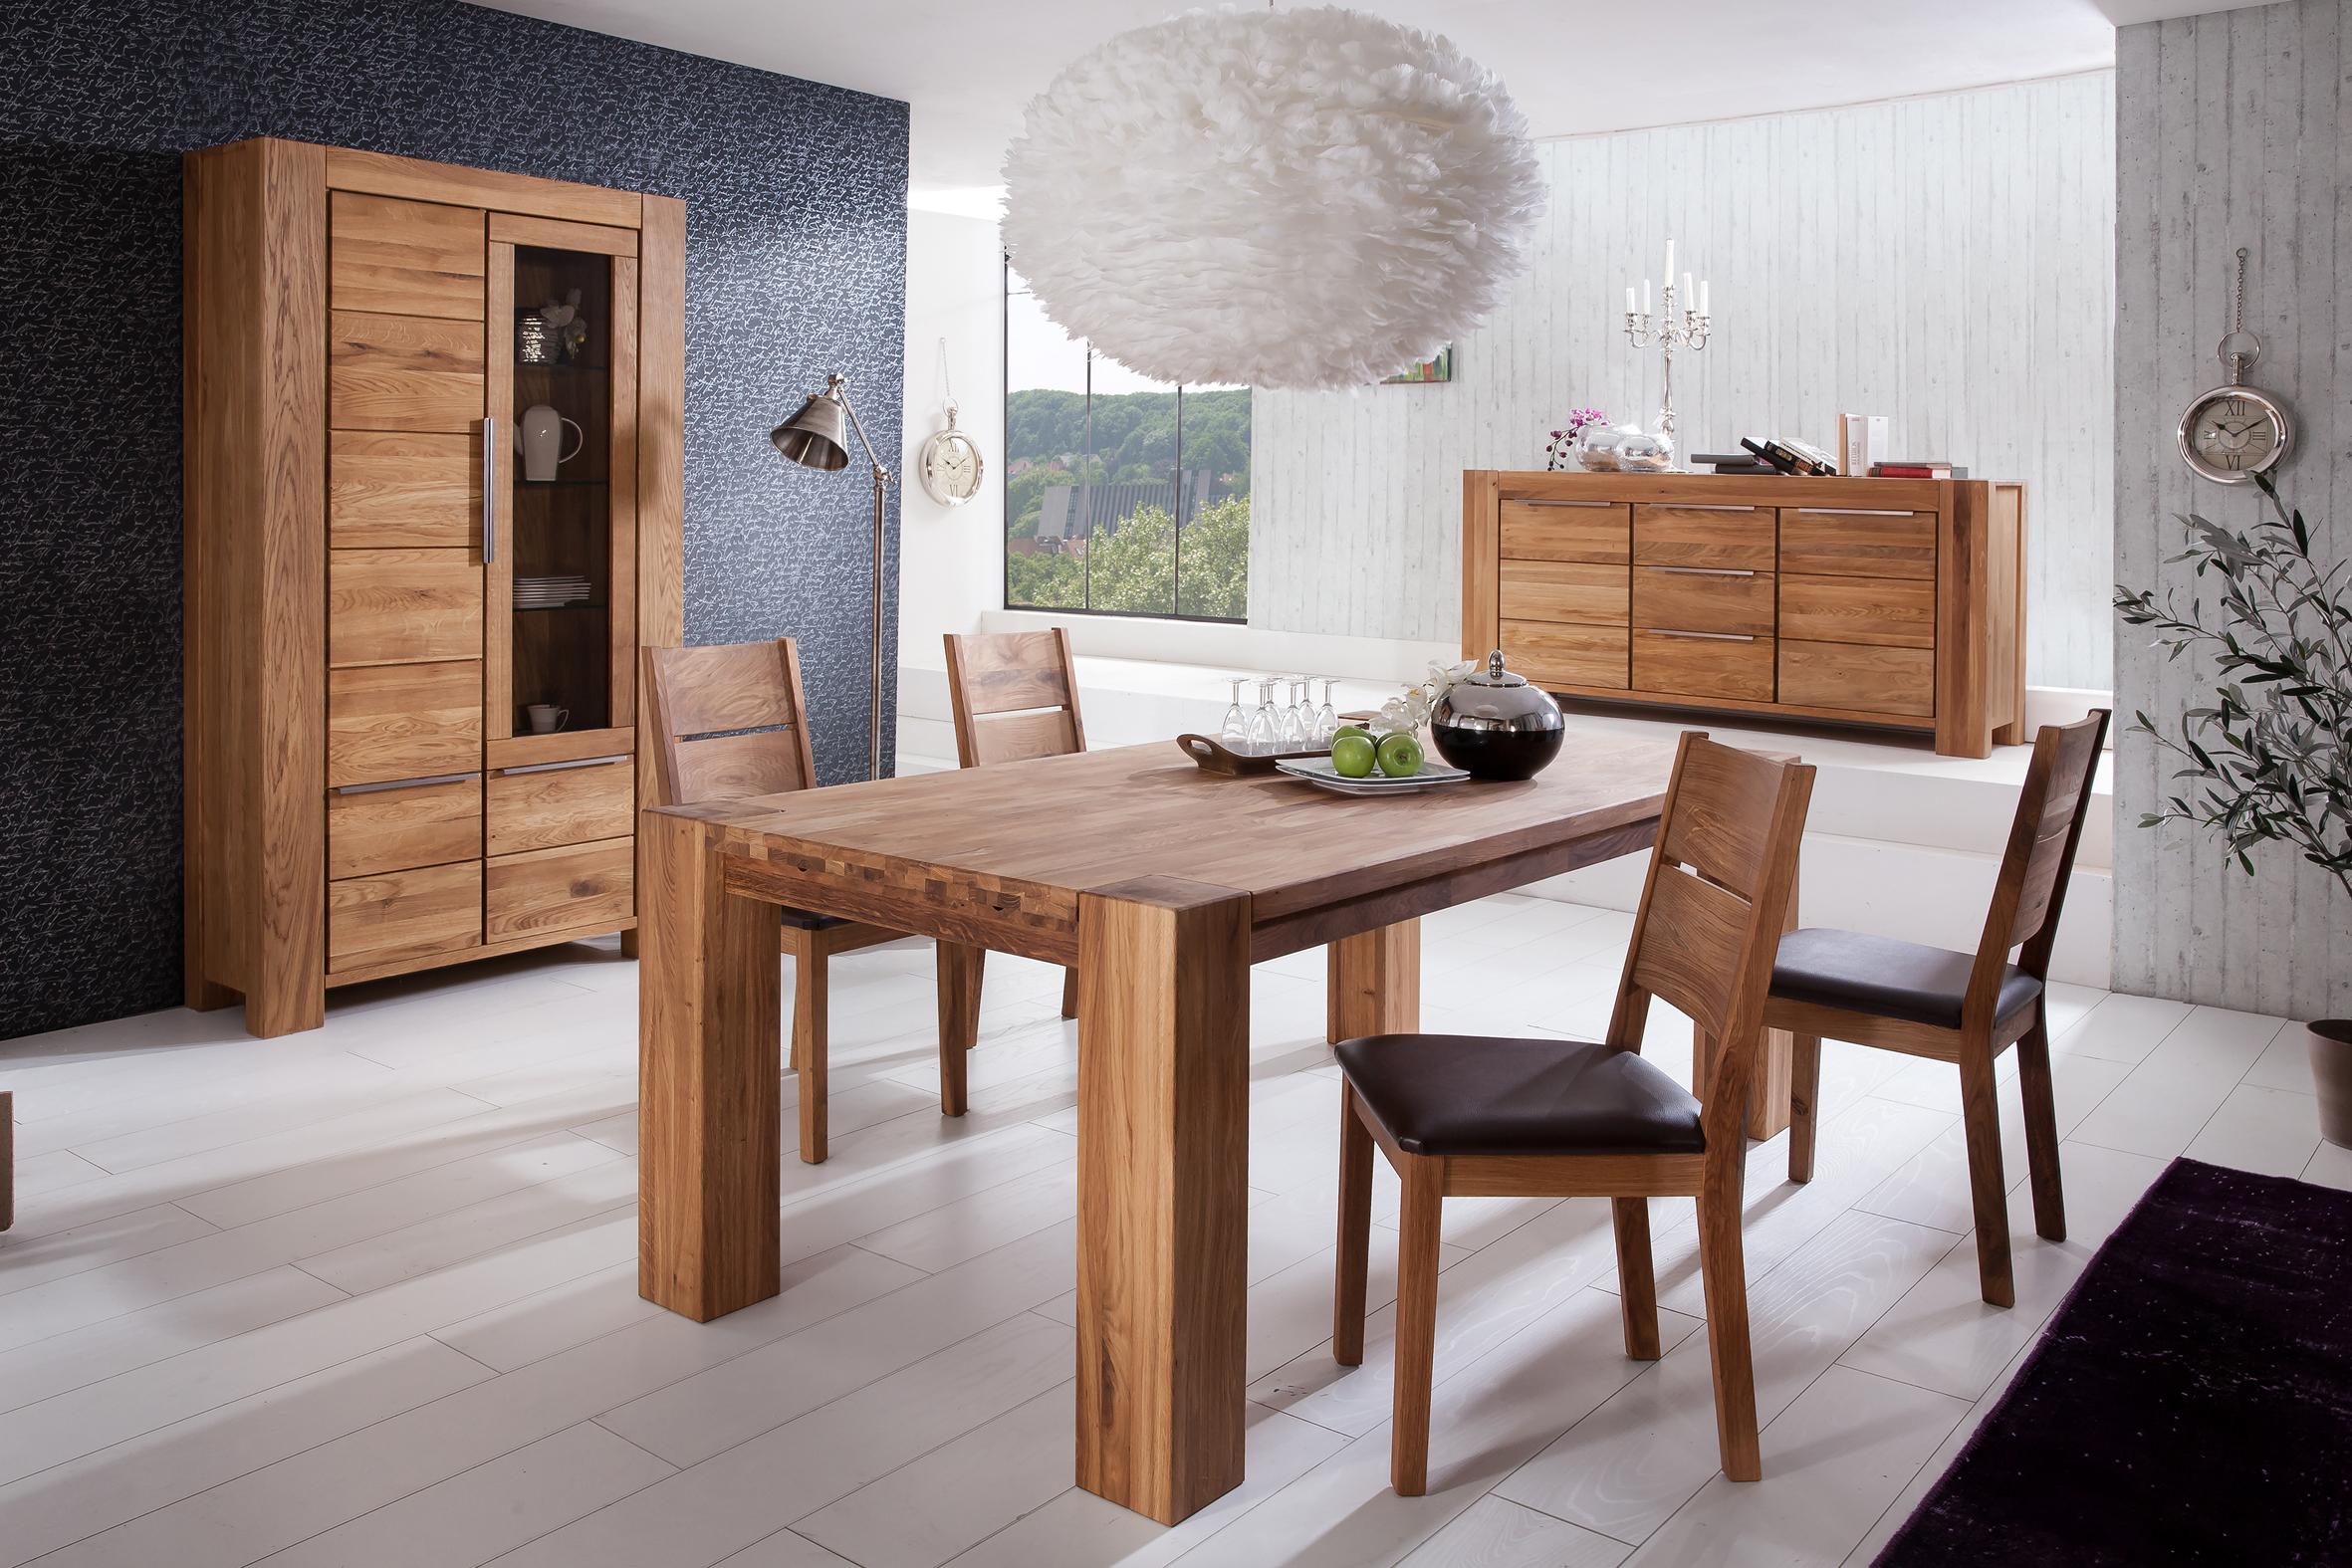 wildeiche massiv ge lt. Black Bedroom Furniture Sets. Home Design Ideas